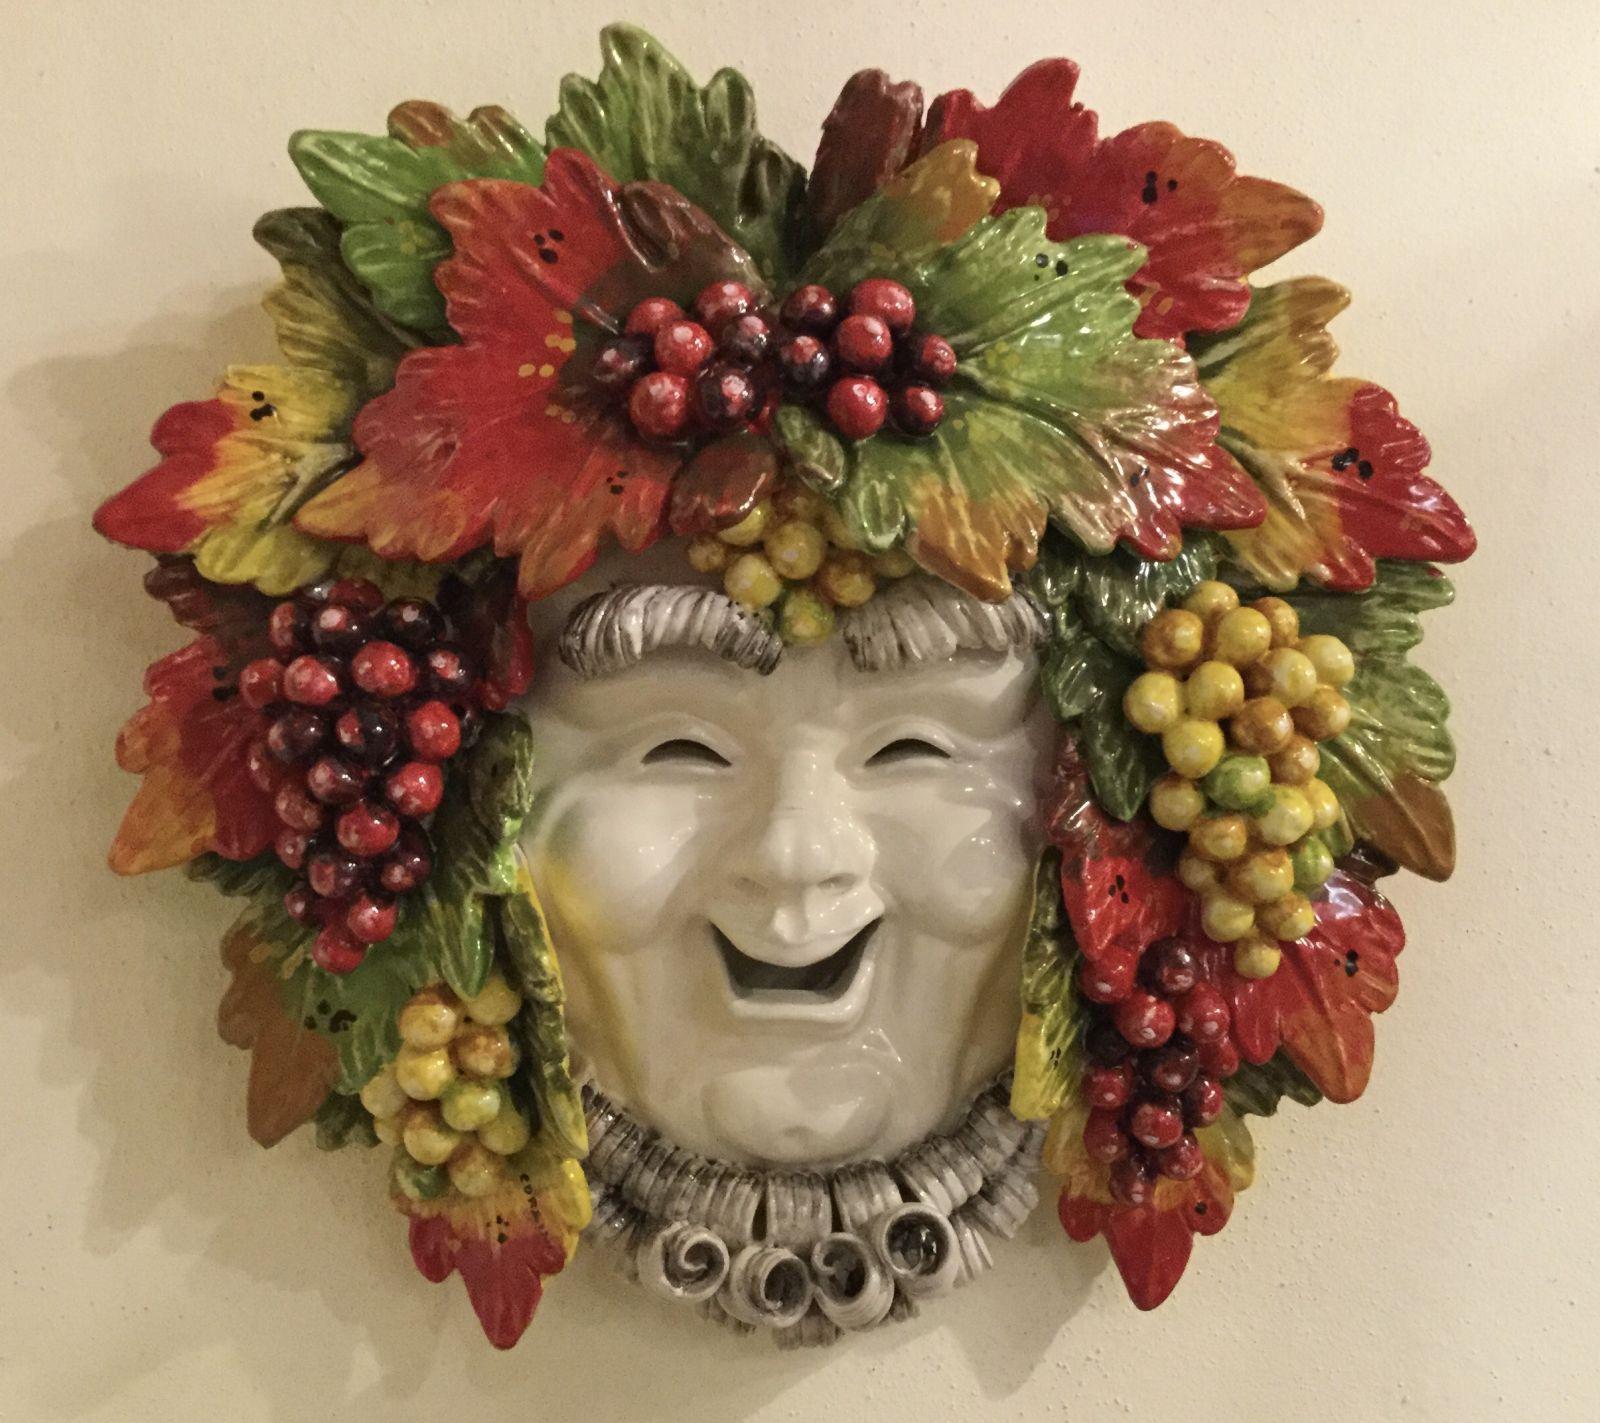 Maschera Bacco sorriso con uva  40x40